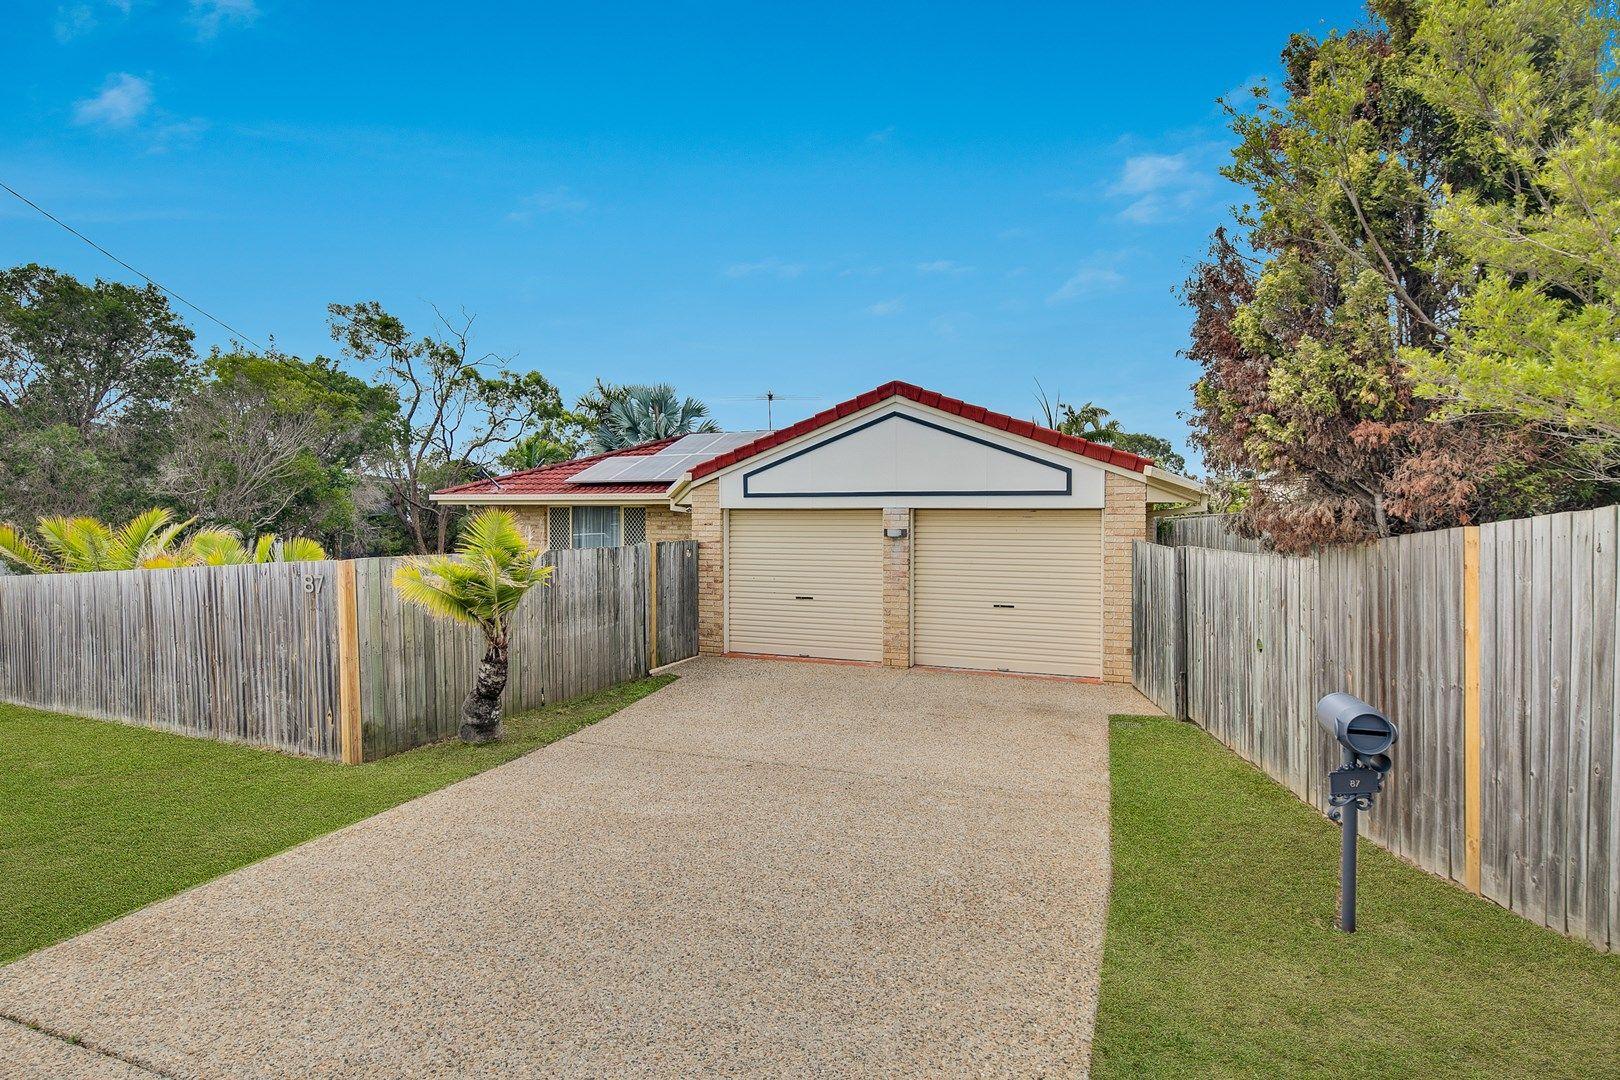 87 Allenby Road, Alexandra Hills QLD 4161, Image 0